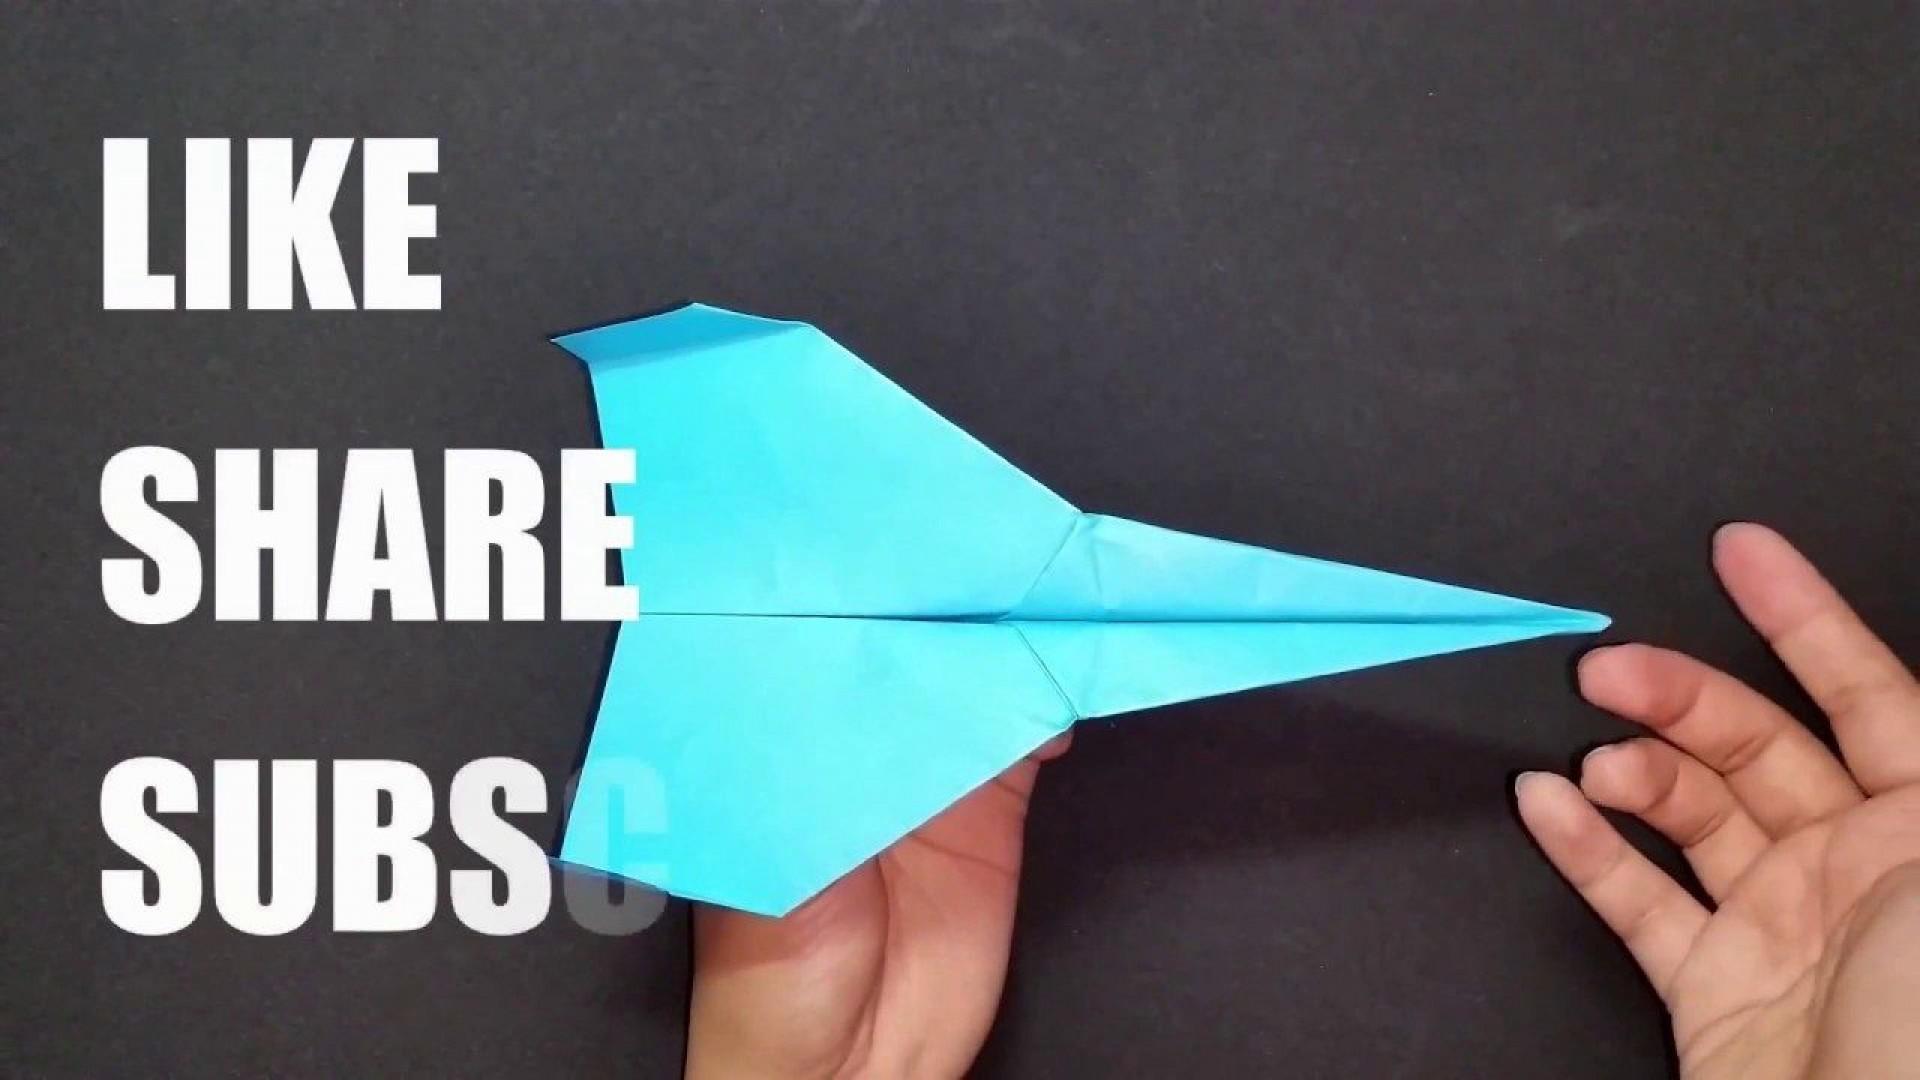 004 Impressive Printable A4 Paper Plane Design Picture 1920